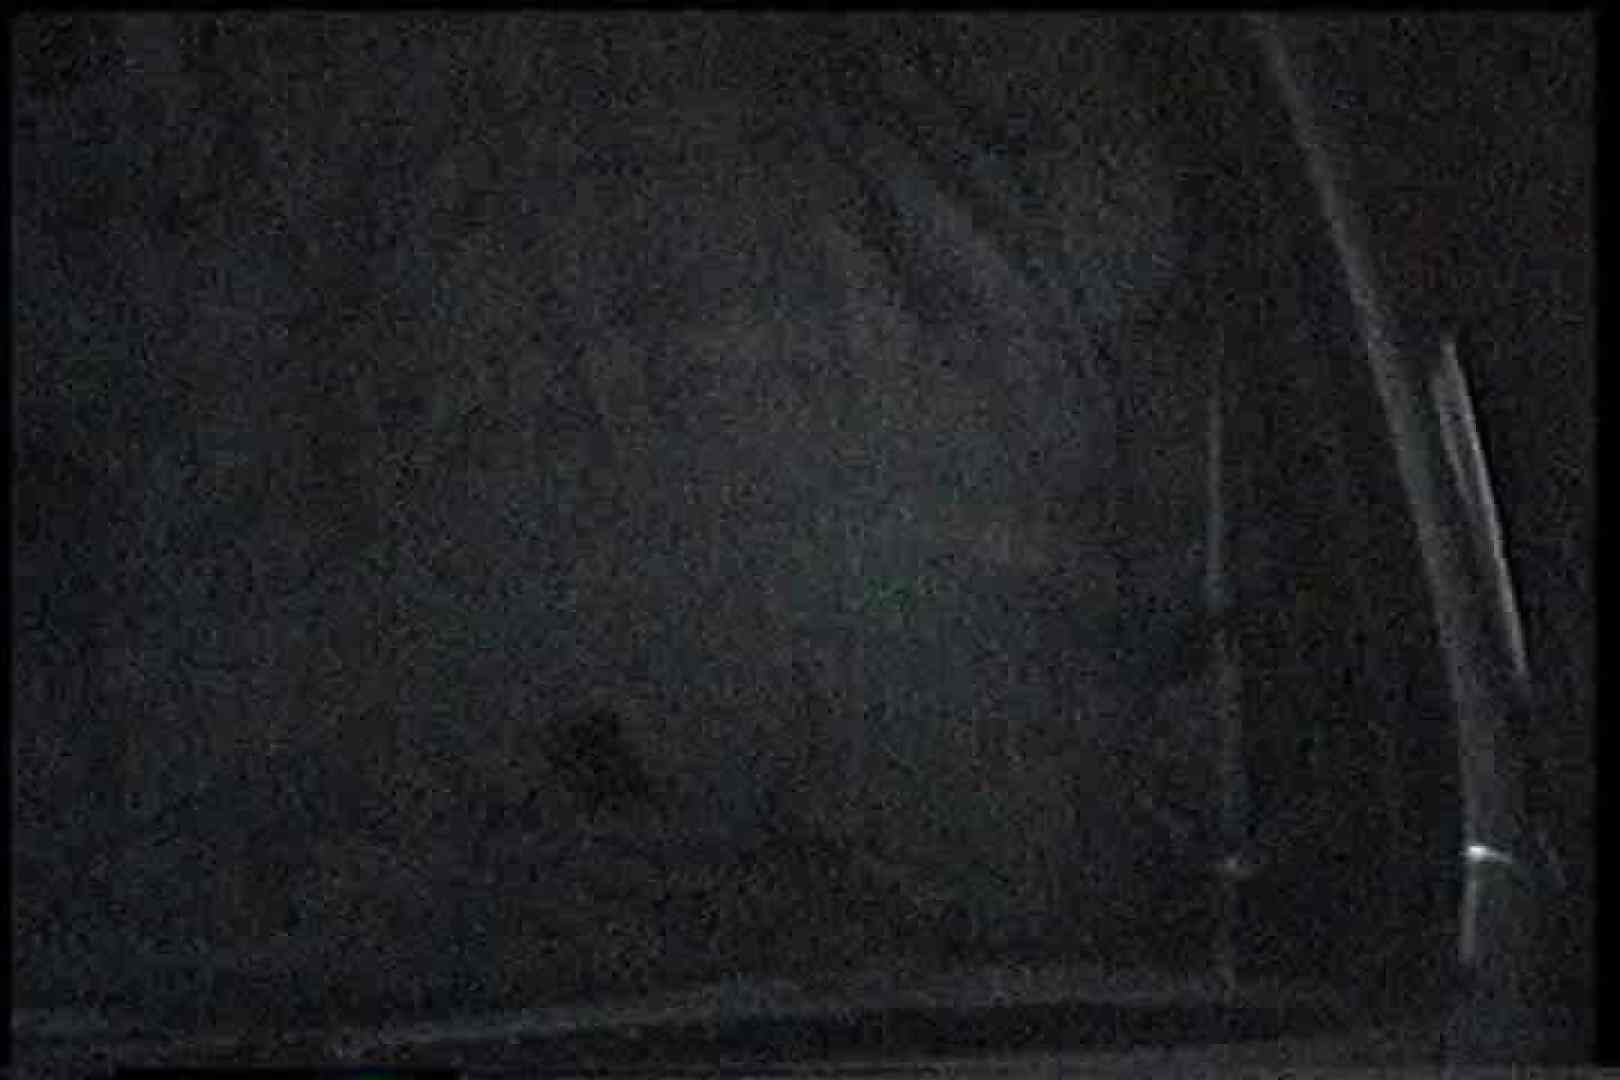 充血監督の深夜の運動会Vol.164 OLセックス 覗きオメコ動画キャプチャ 58画像 37